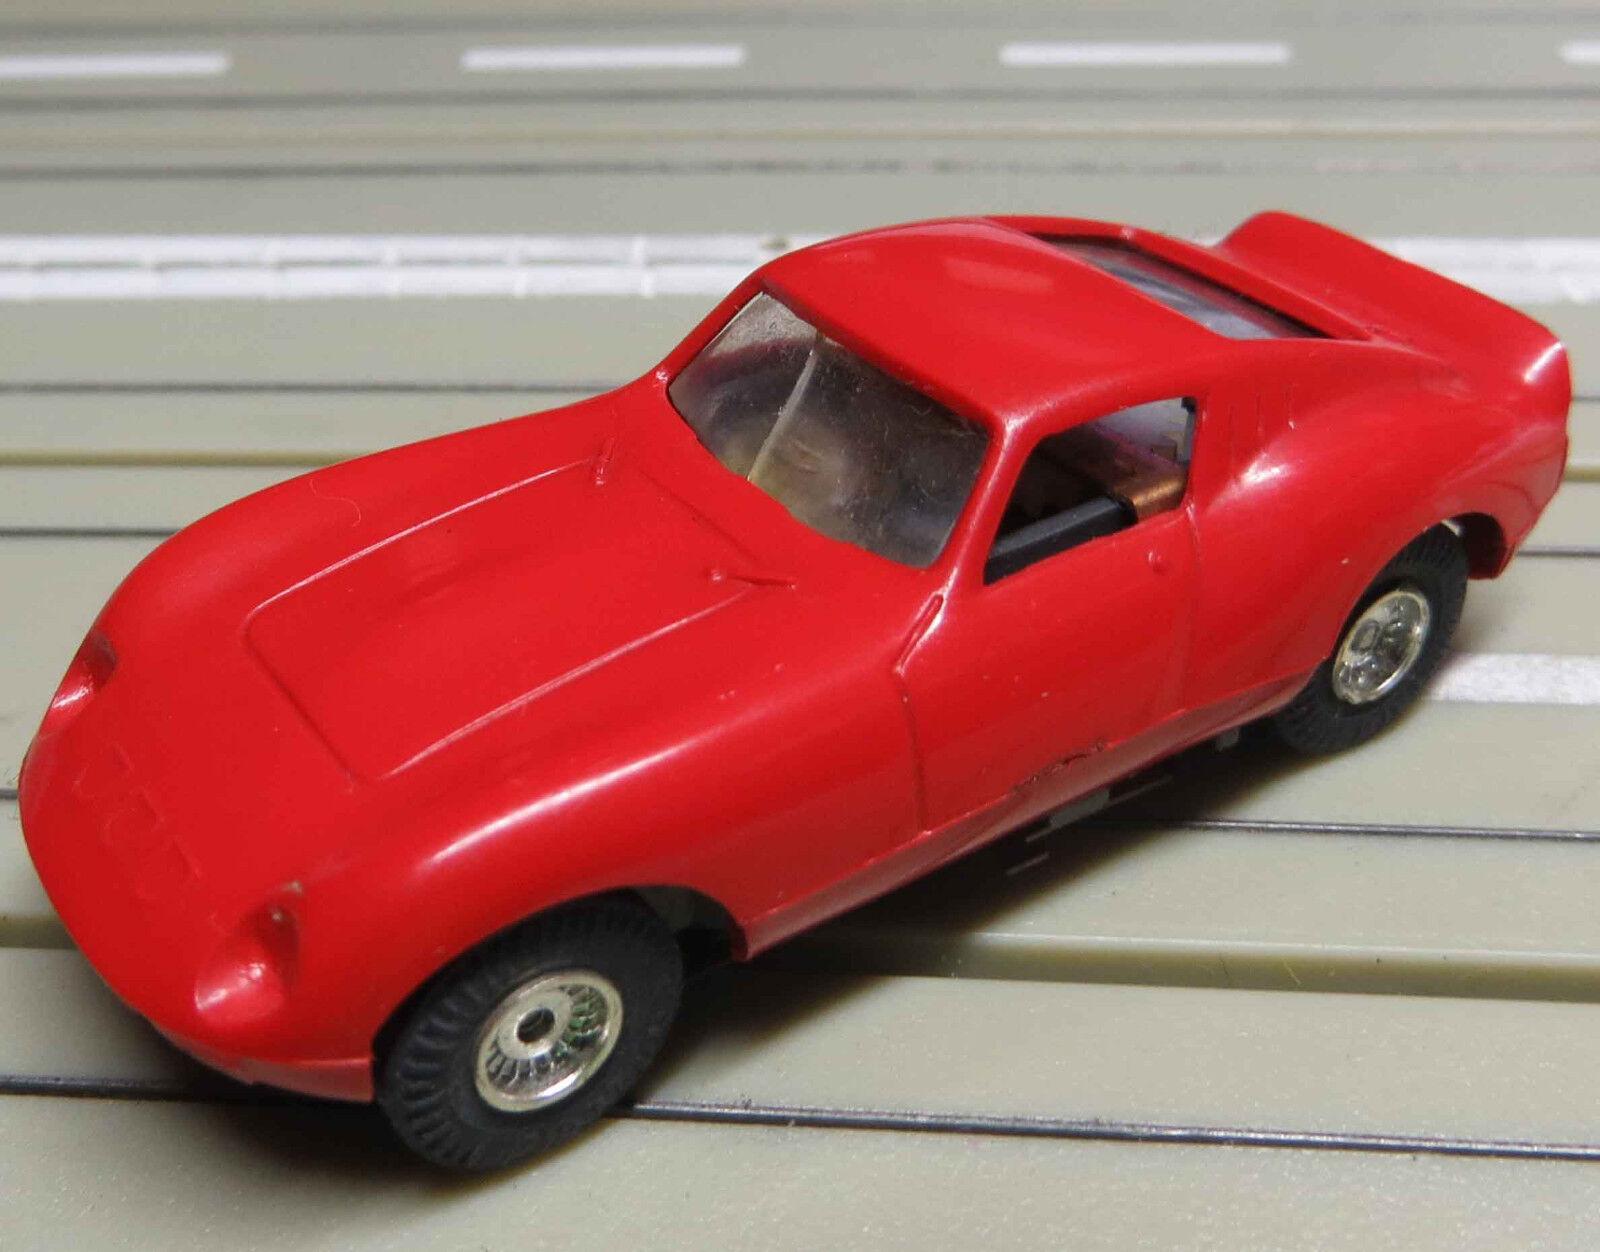 Faller Ams Ferrari Gt con Motore Piatto Armatura+ + Nuovi Repro Maturo